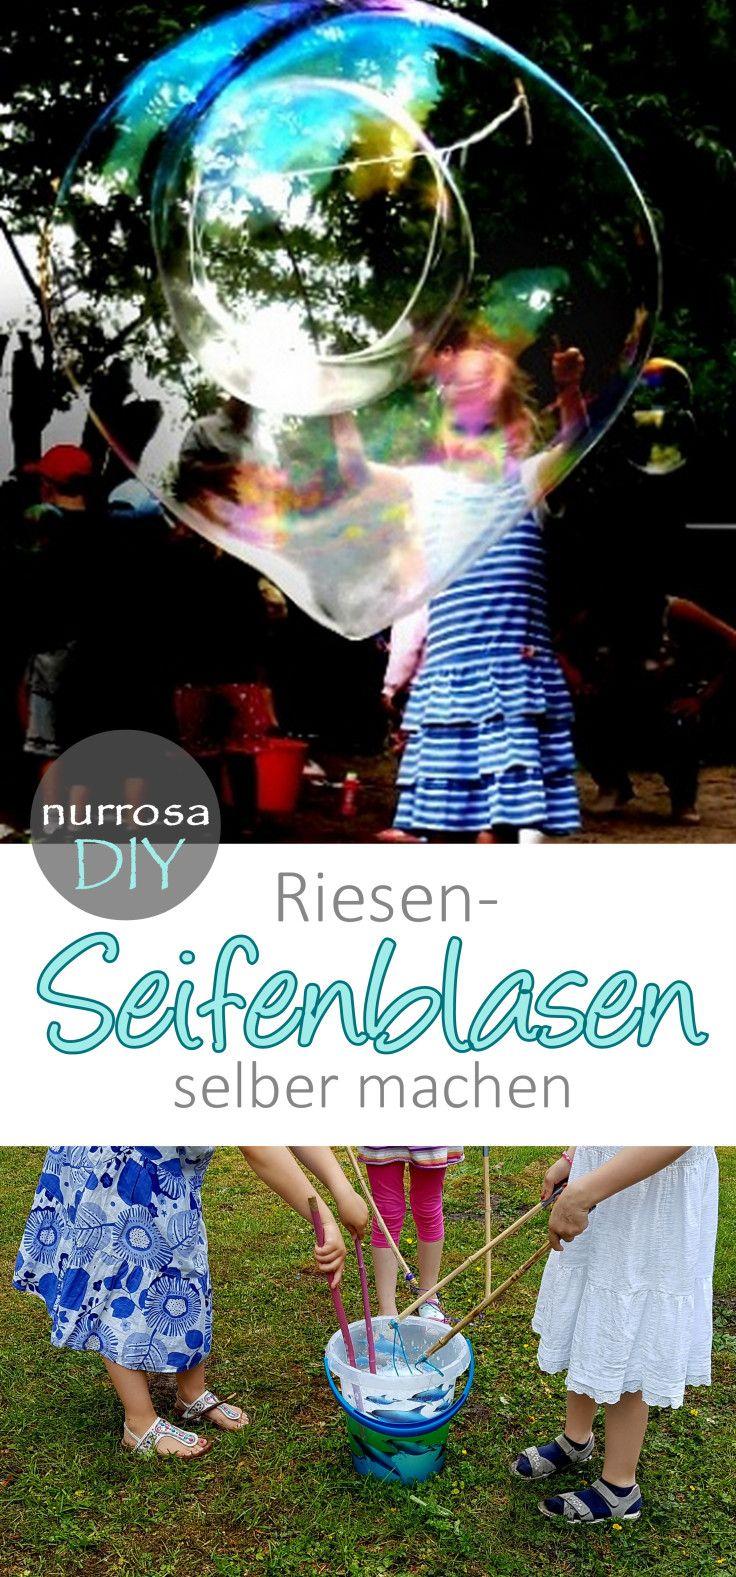 Photo of Große Seifenblasen / Riesenseifenblasen selber machen #Anleitung #Rezept #DIY # …